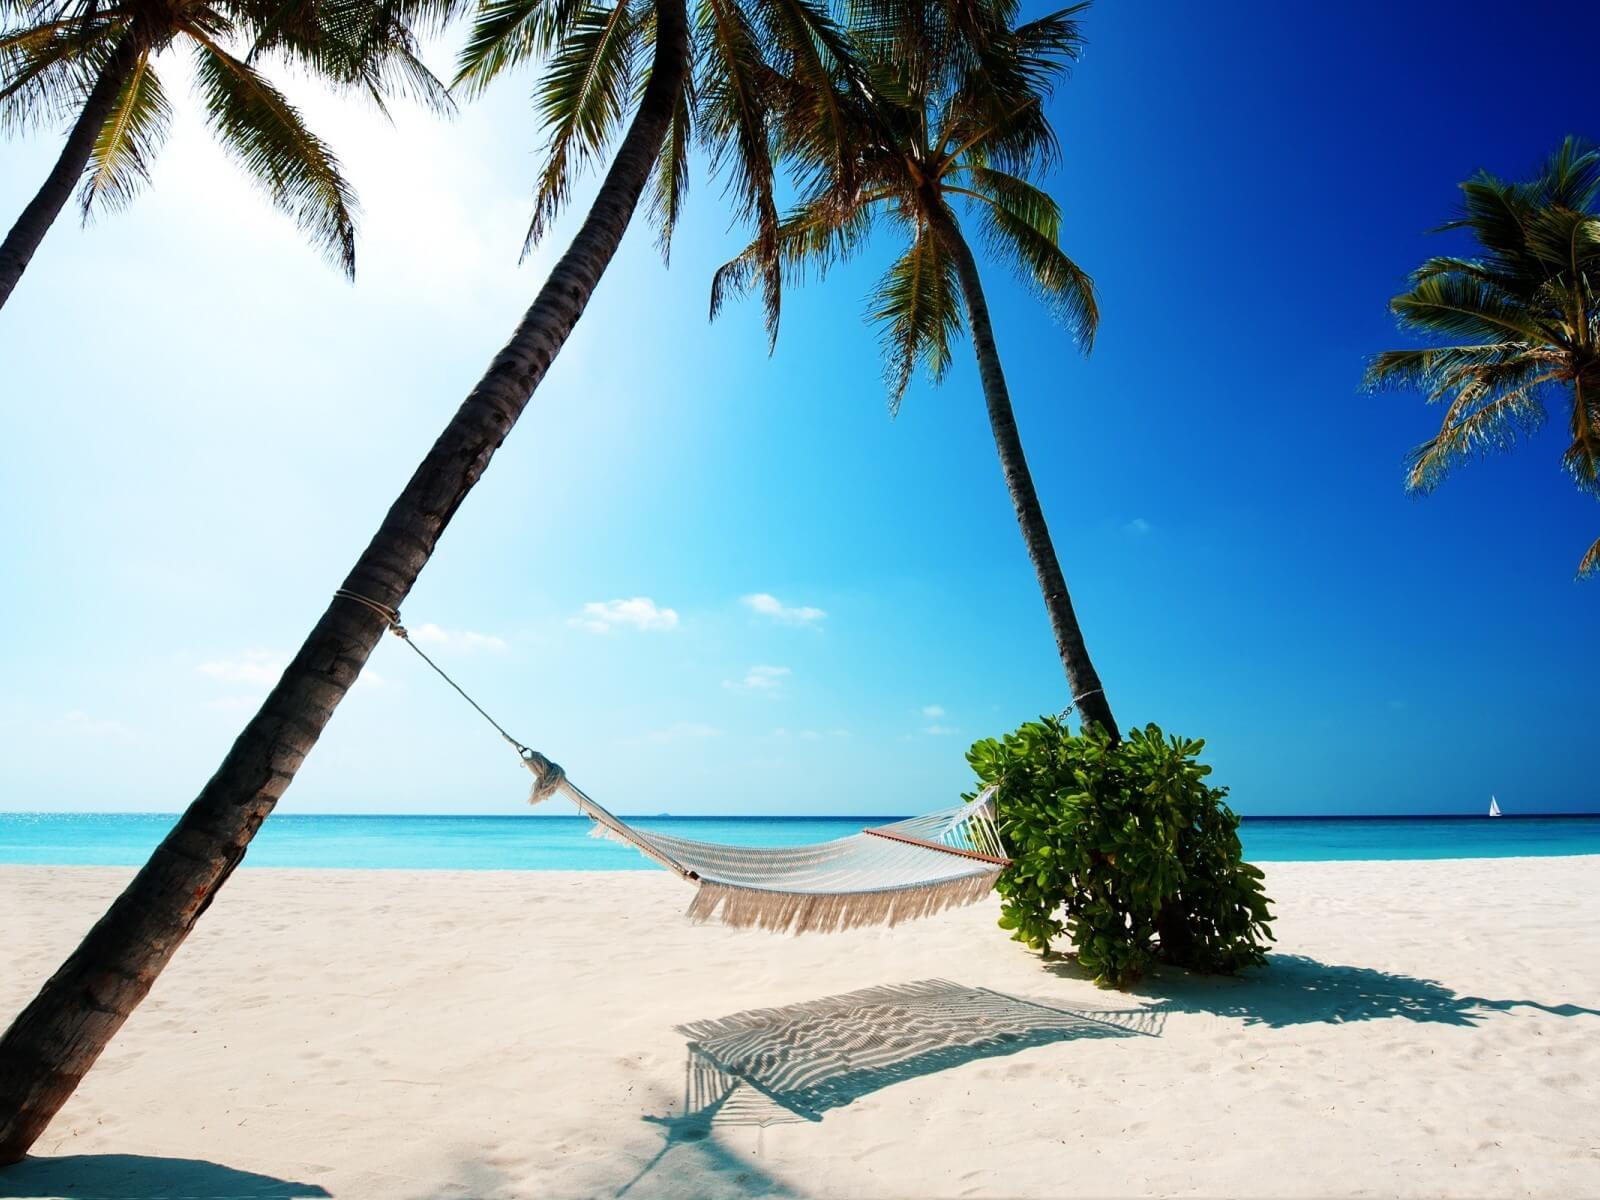 Отпуск без содержания по инициативе работодателя и его законность